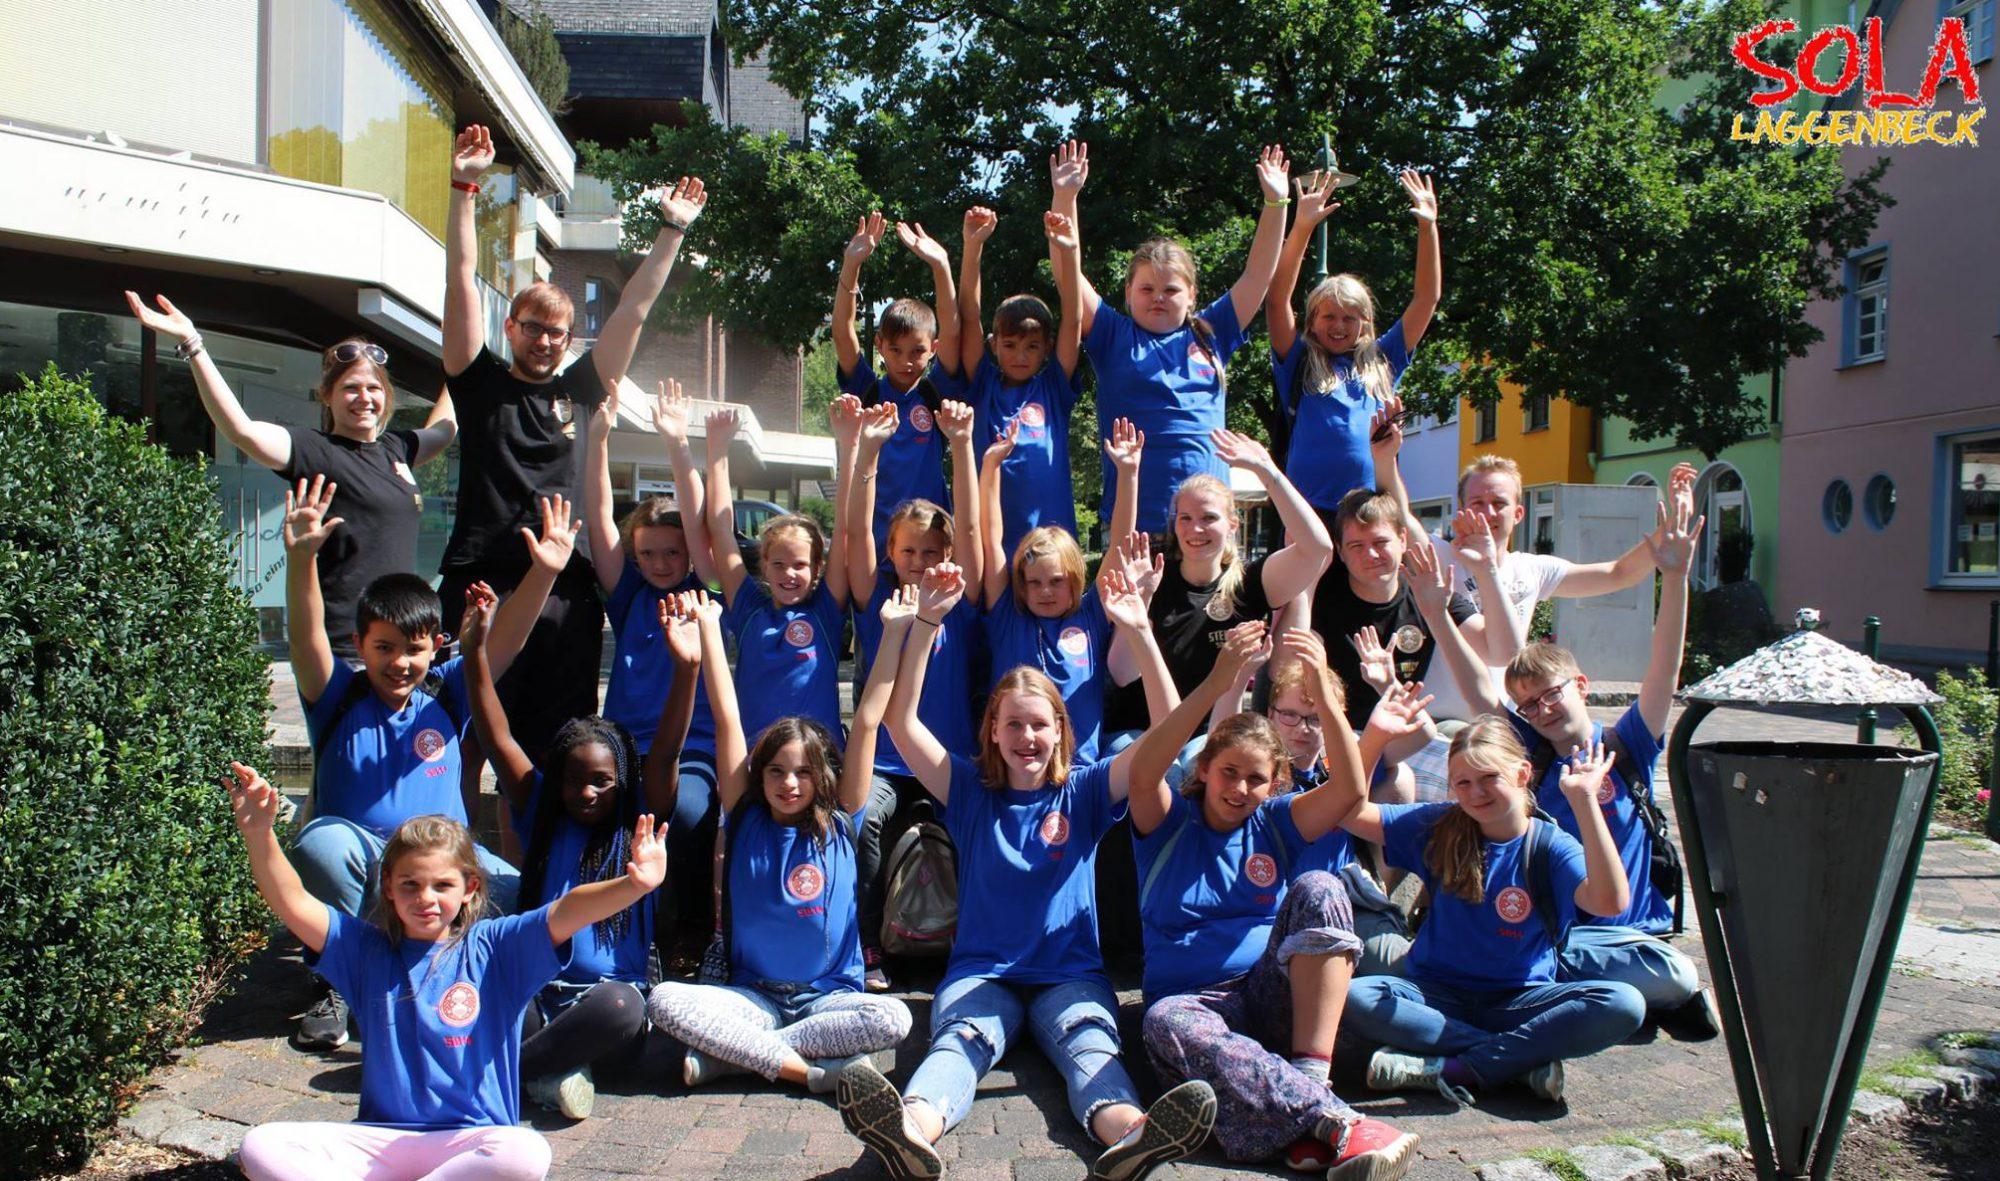 Sommerlager Laggenbeck